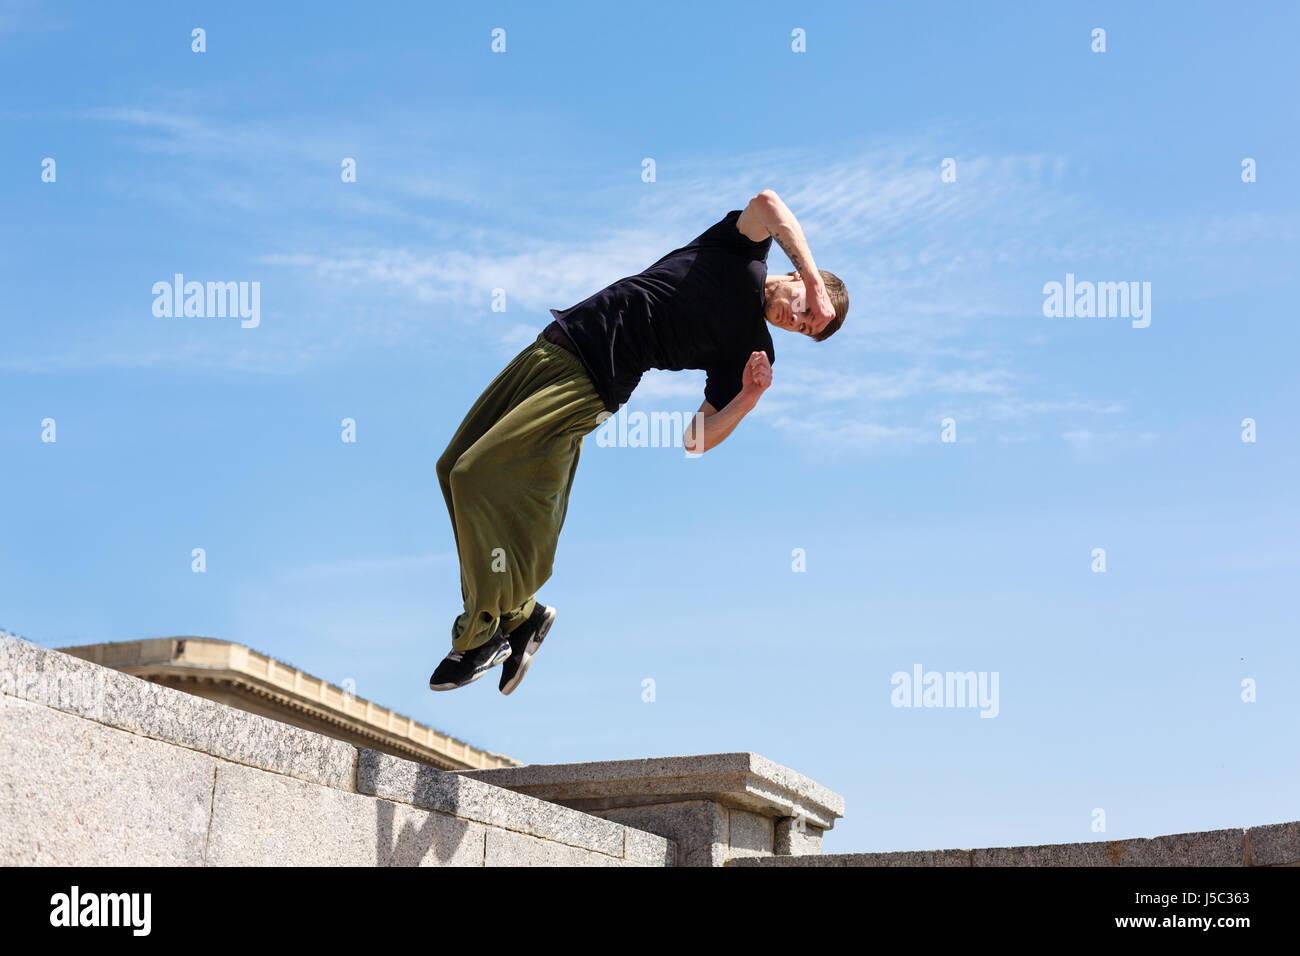 Junge Mann tut ein Back flip mit einer Umdrehung. Parkour im urbanen Raum. Sport in der Stadt. Sportliche Aktivität. Stockbild